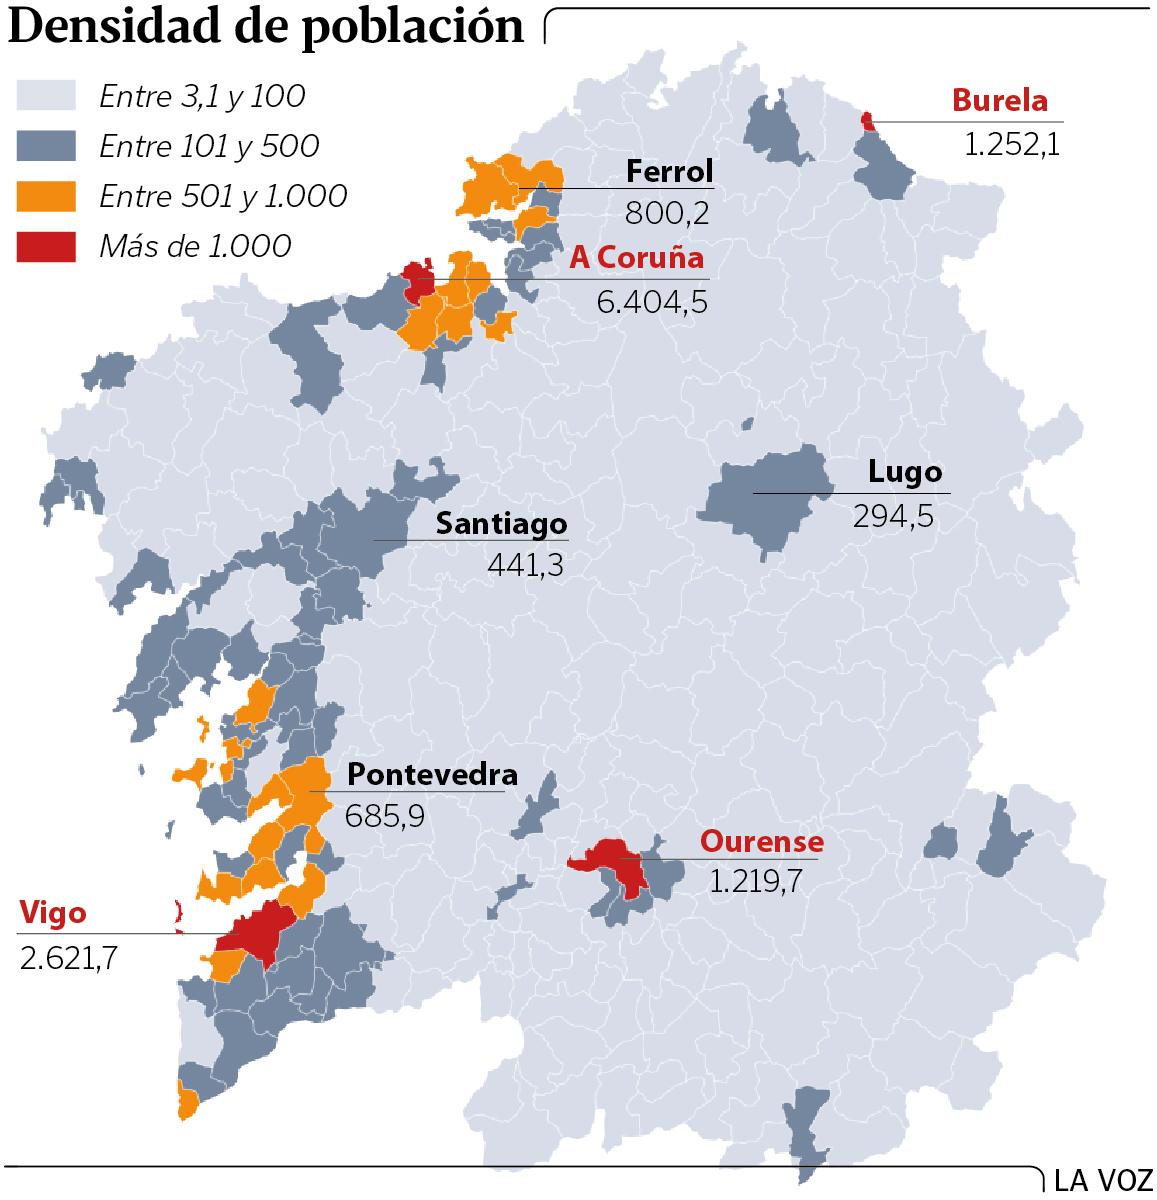 La Galicia Vacía 182 Concellos No Llegan A 50 Vecinos Por Cada Kilómetro Cuadrado